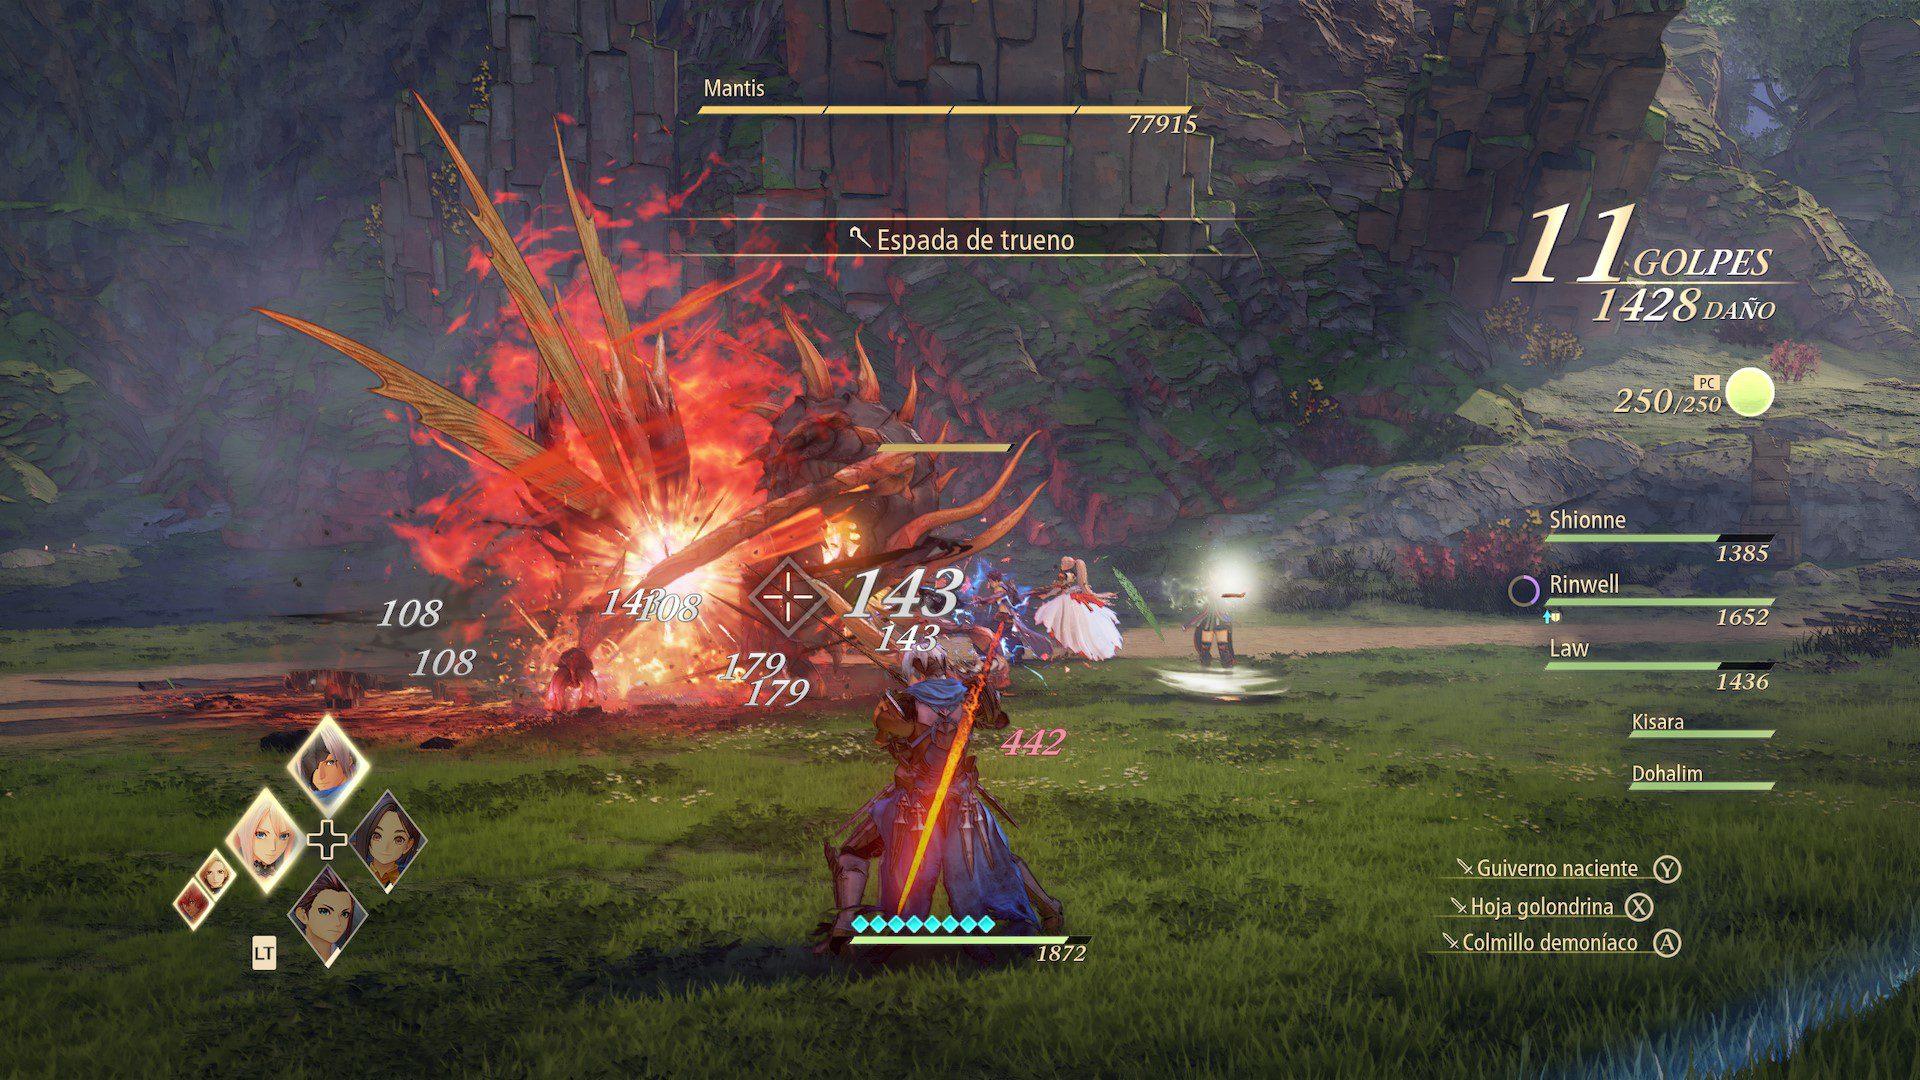 Impresiones de la demo de Tales of Arise - Después de haber probado a fondo la demo de Tales of Arise, os cuento cuáles son mis primeras impresiones de este maravillo JRPG de acción.